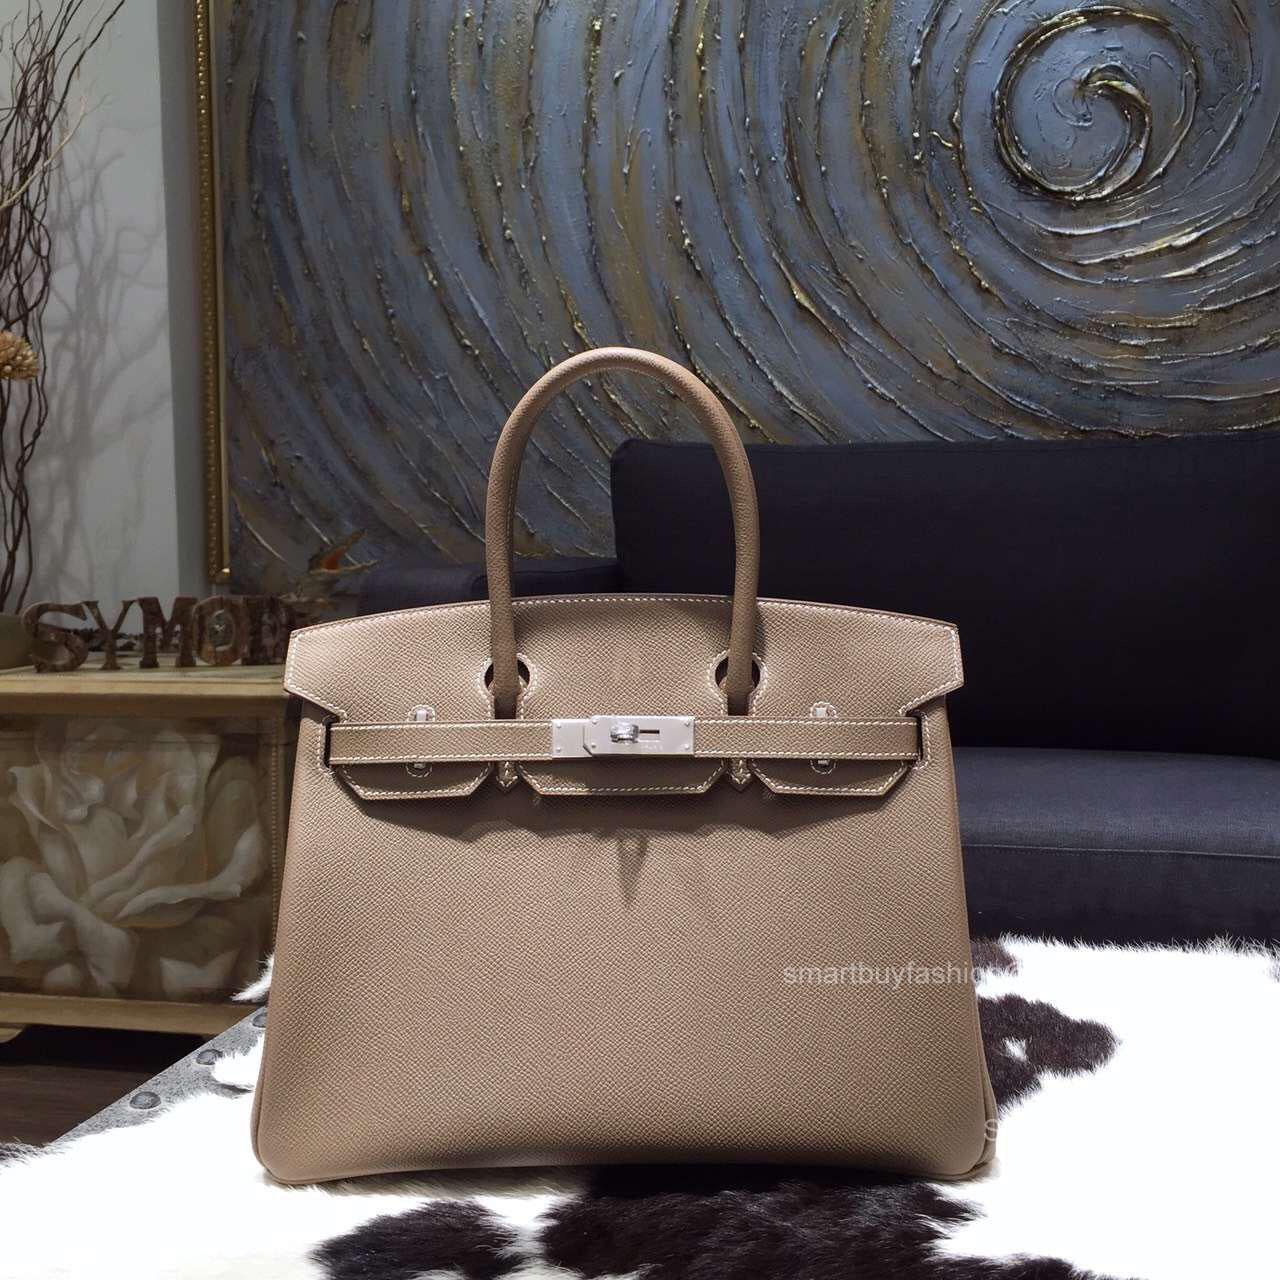 1cc110eb24f9 Hermes Birkin 35 Bag Etoupe Epsom Leather Handstitched Silver hw